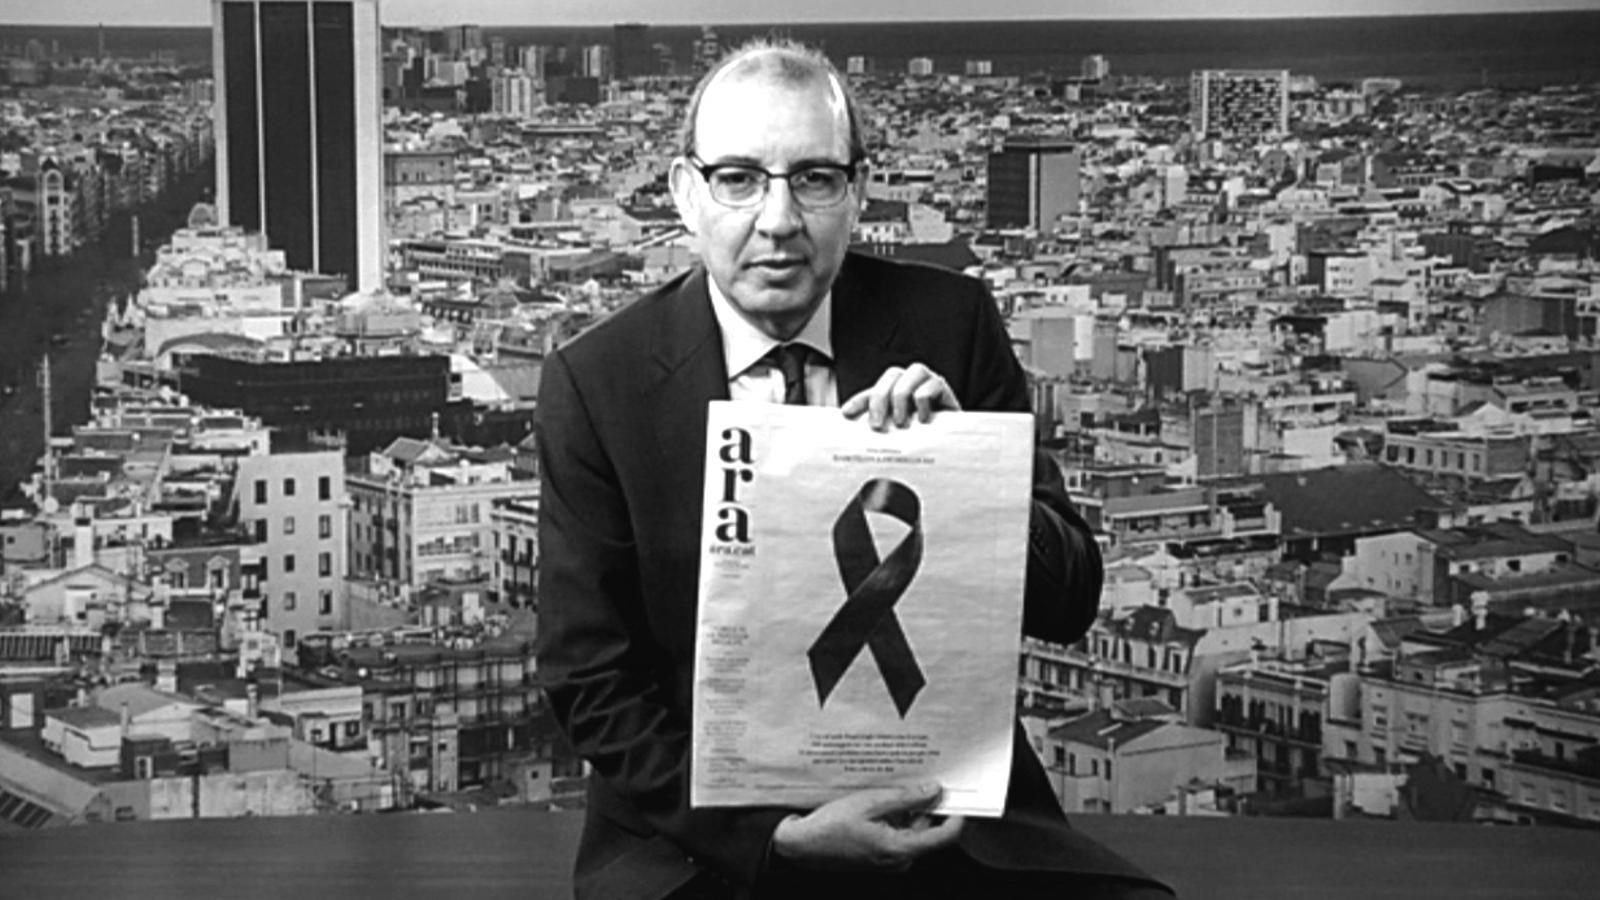 L'editorial d'Antoni Bassas: 'No tinguem por' (25/03/2015)